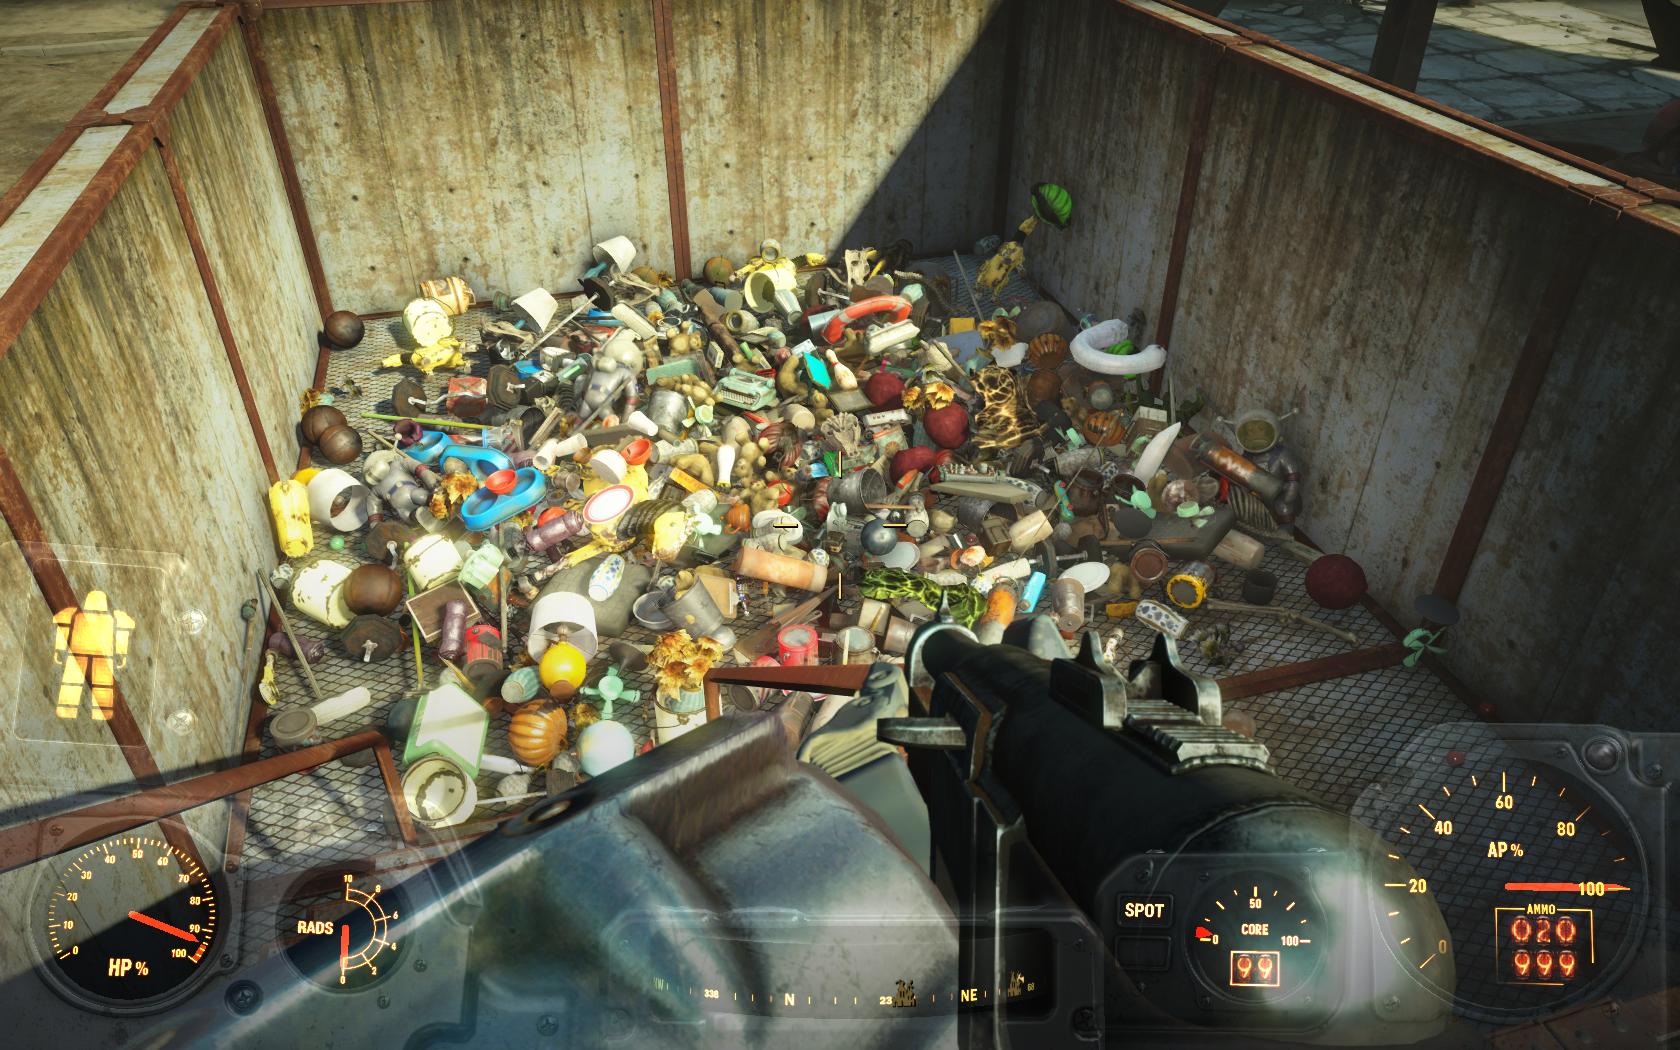 Результаты уборки мусора в Ядер-Мире (Ядер-Мир, Красная ракета) - Fallout 4 Nuka-World, Ядер-Мир